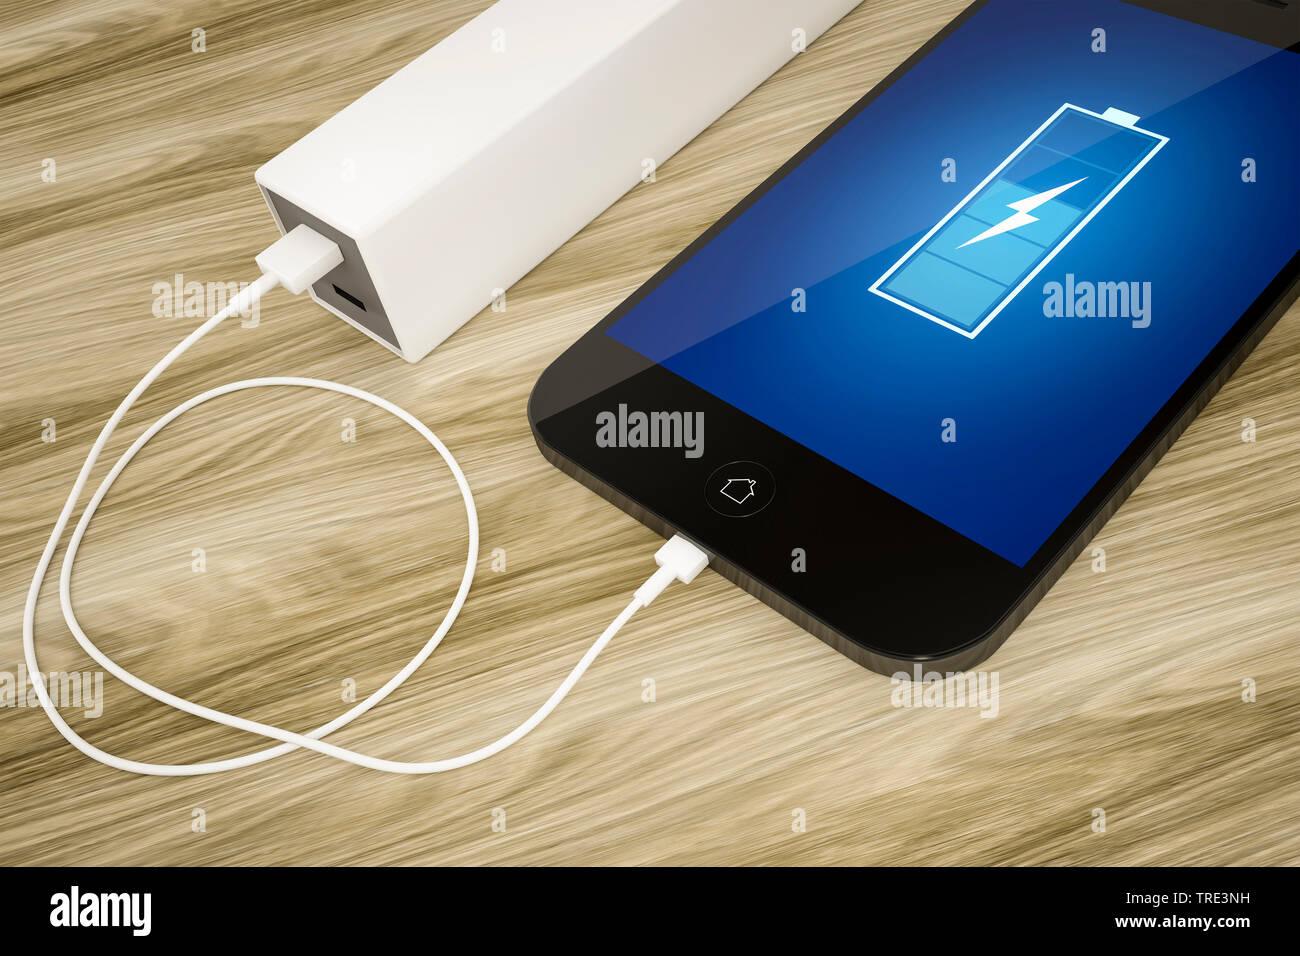 Mobiltelefon wird mit einer Powerbank aufgeladen, mit Statusanzeige auf dem Bildschirm | Mobile phone charged by a power bank including battery status - Stock Image